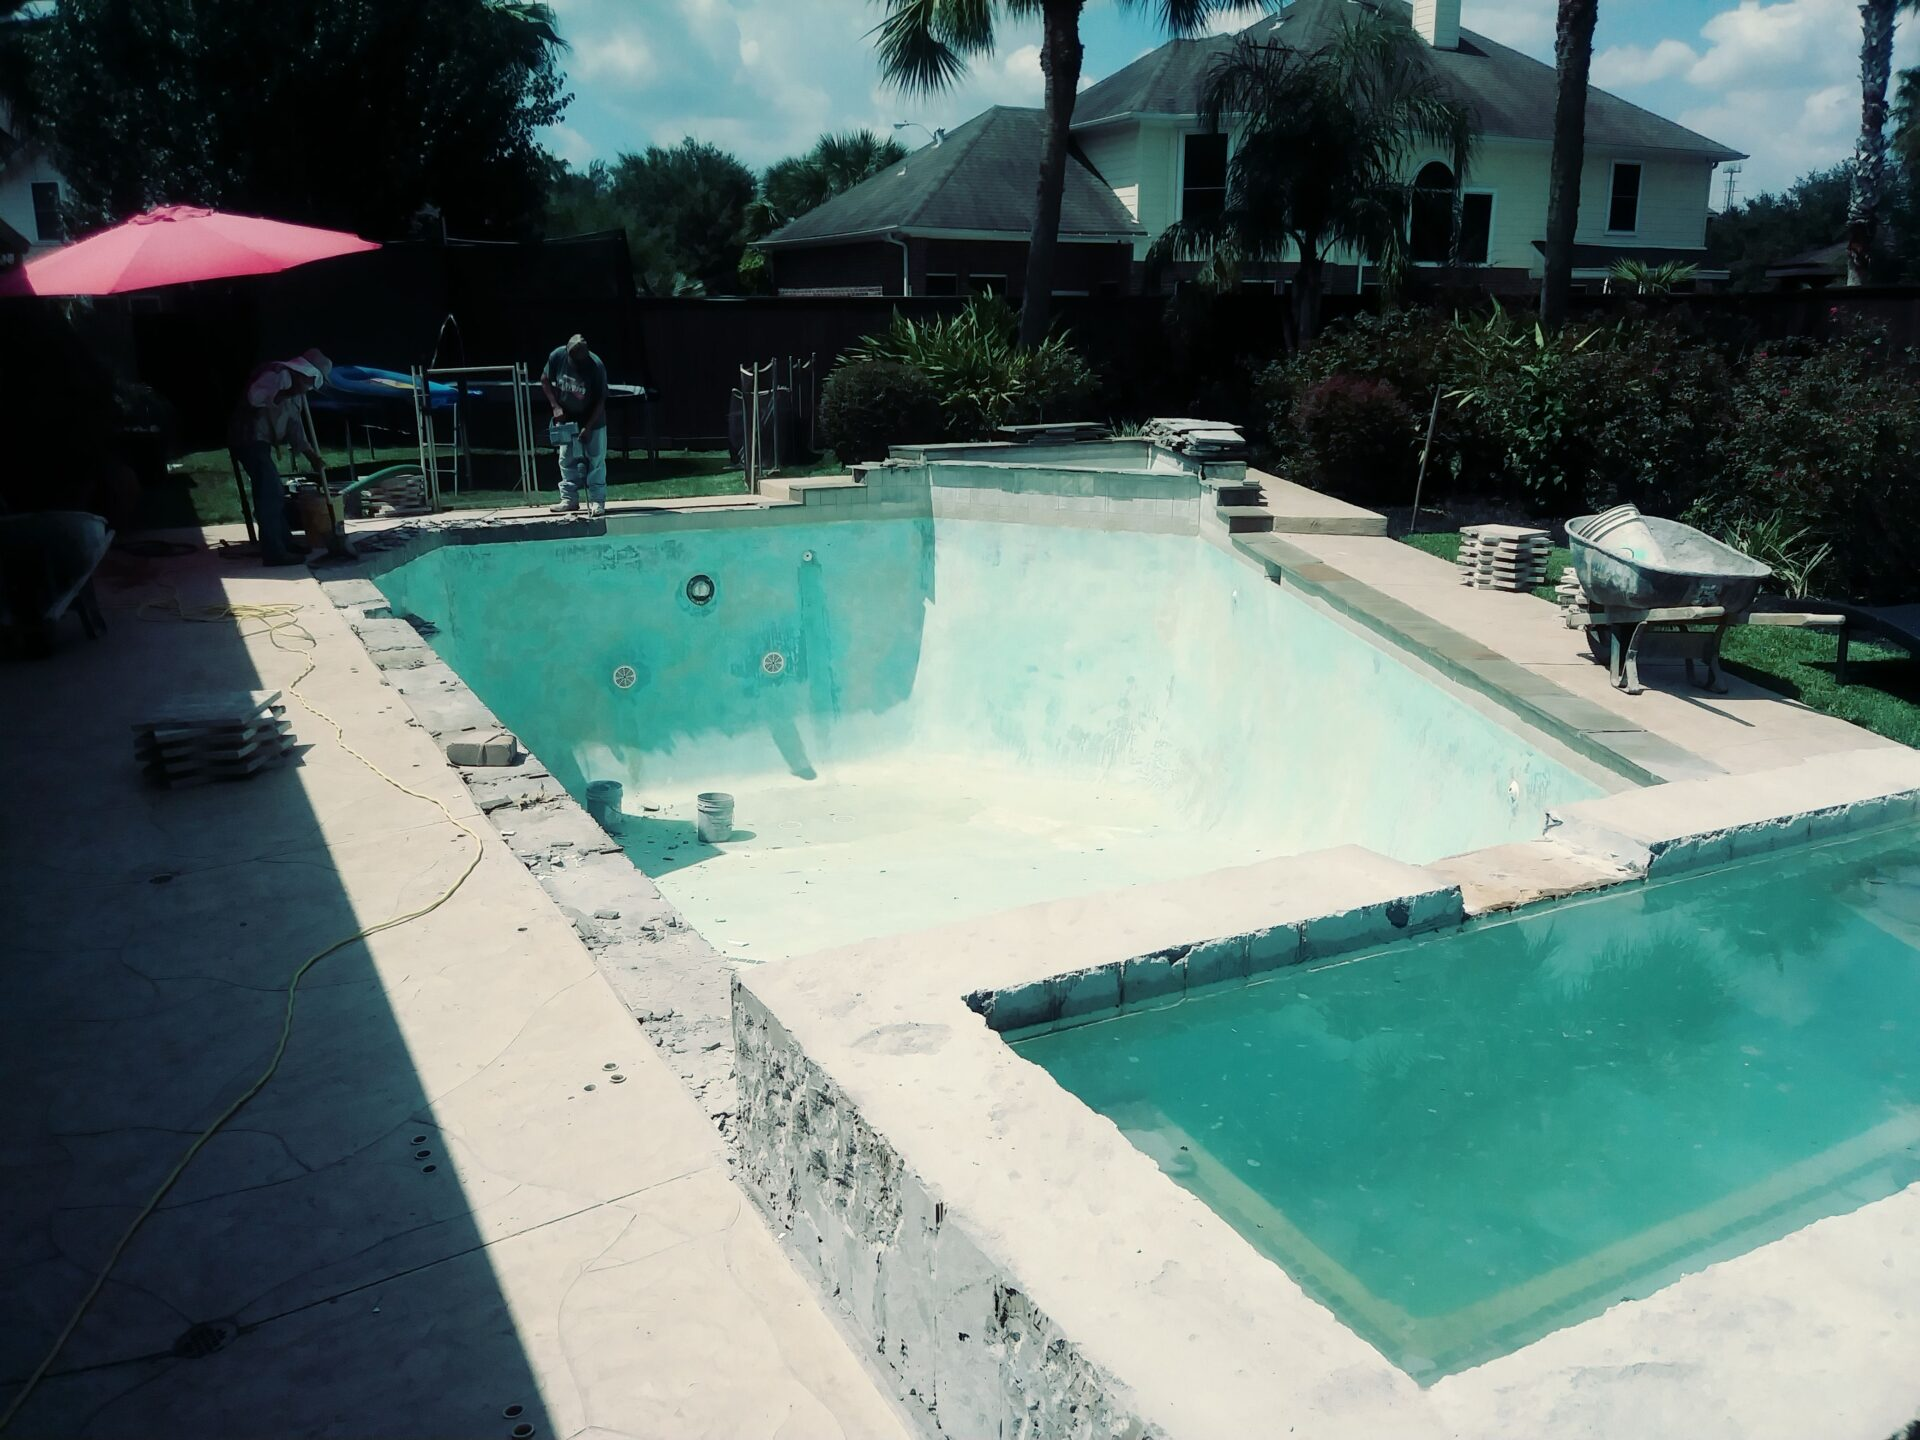 Pool Remodel - Katy - Before Image001